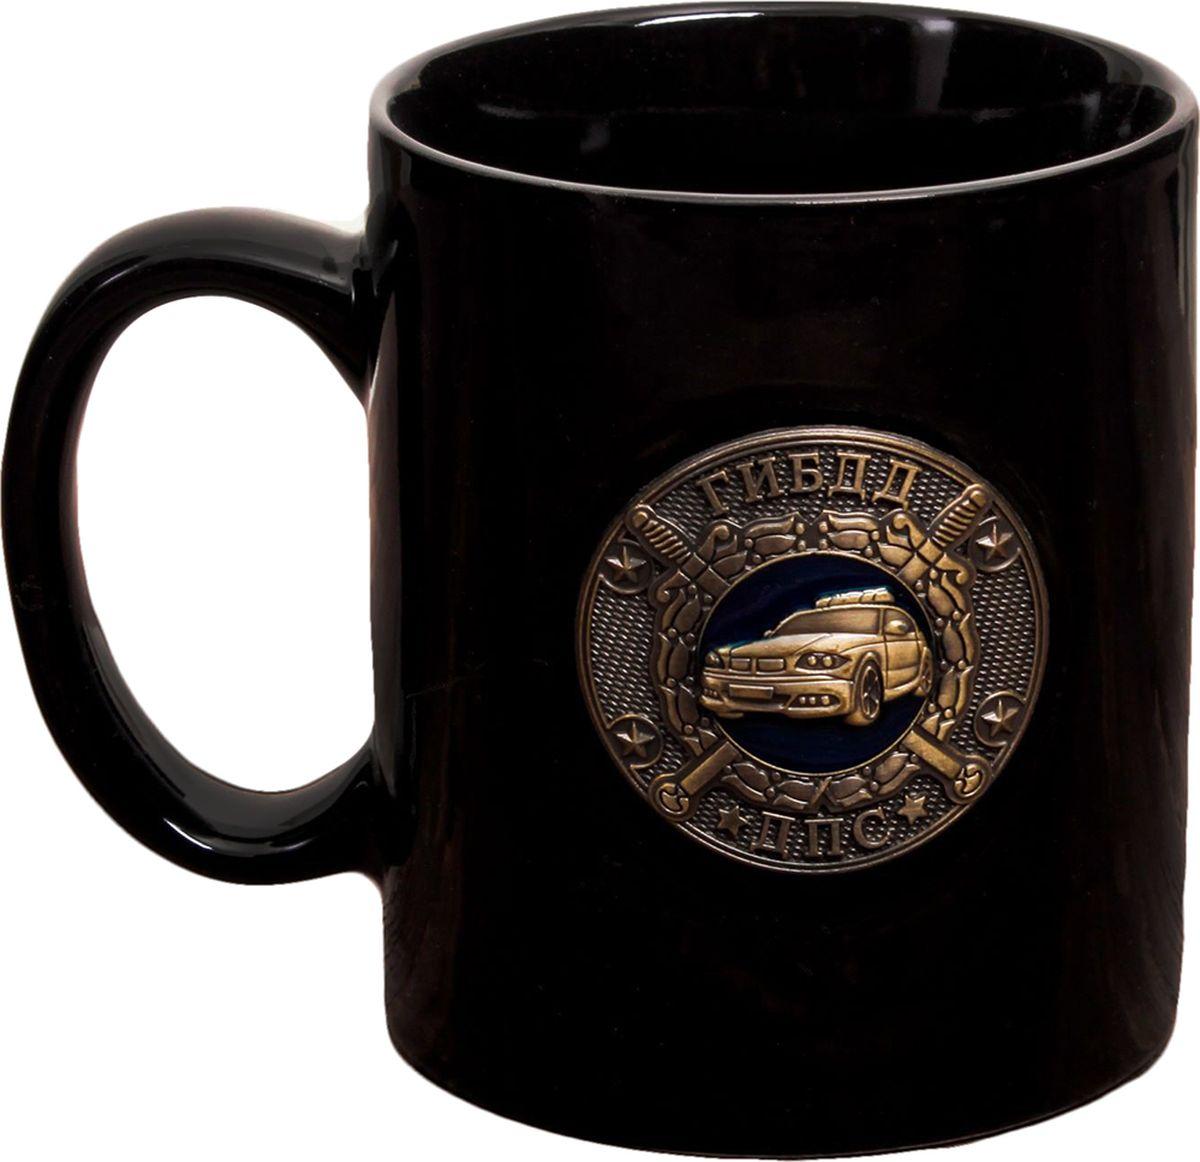 Кружка ГИБДД ДПС, с бляхой, цвет: черный, 300 мл2393805Авторский дизайн, оригинальный декор, оптимальный объём — отличительные черты этой кружки. Налейте в неё горячий свежезаваренный кофе или крепкий ароматный чай, и каждый глоток будет сокрушительным ударом по врагам: сонливости, вялости и апатии!Изделие упаковано в подарочную картонную коробку.